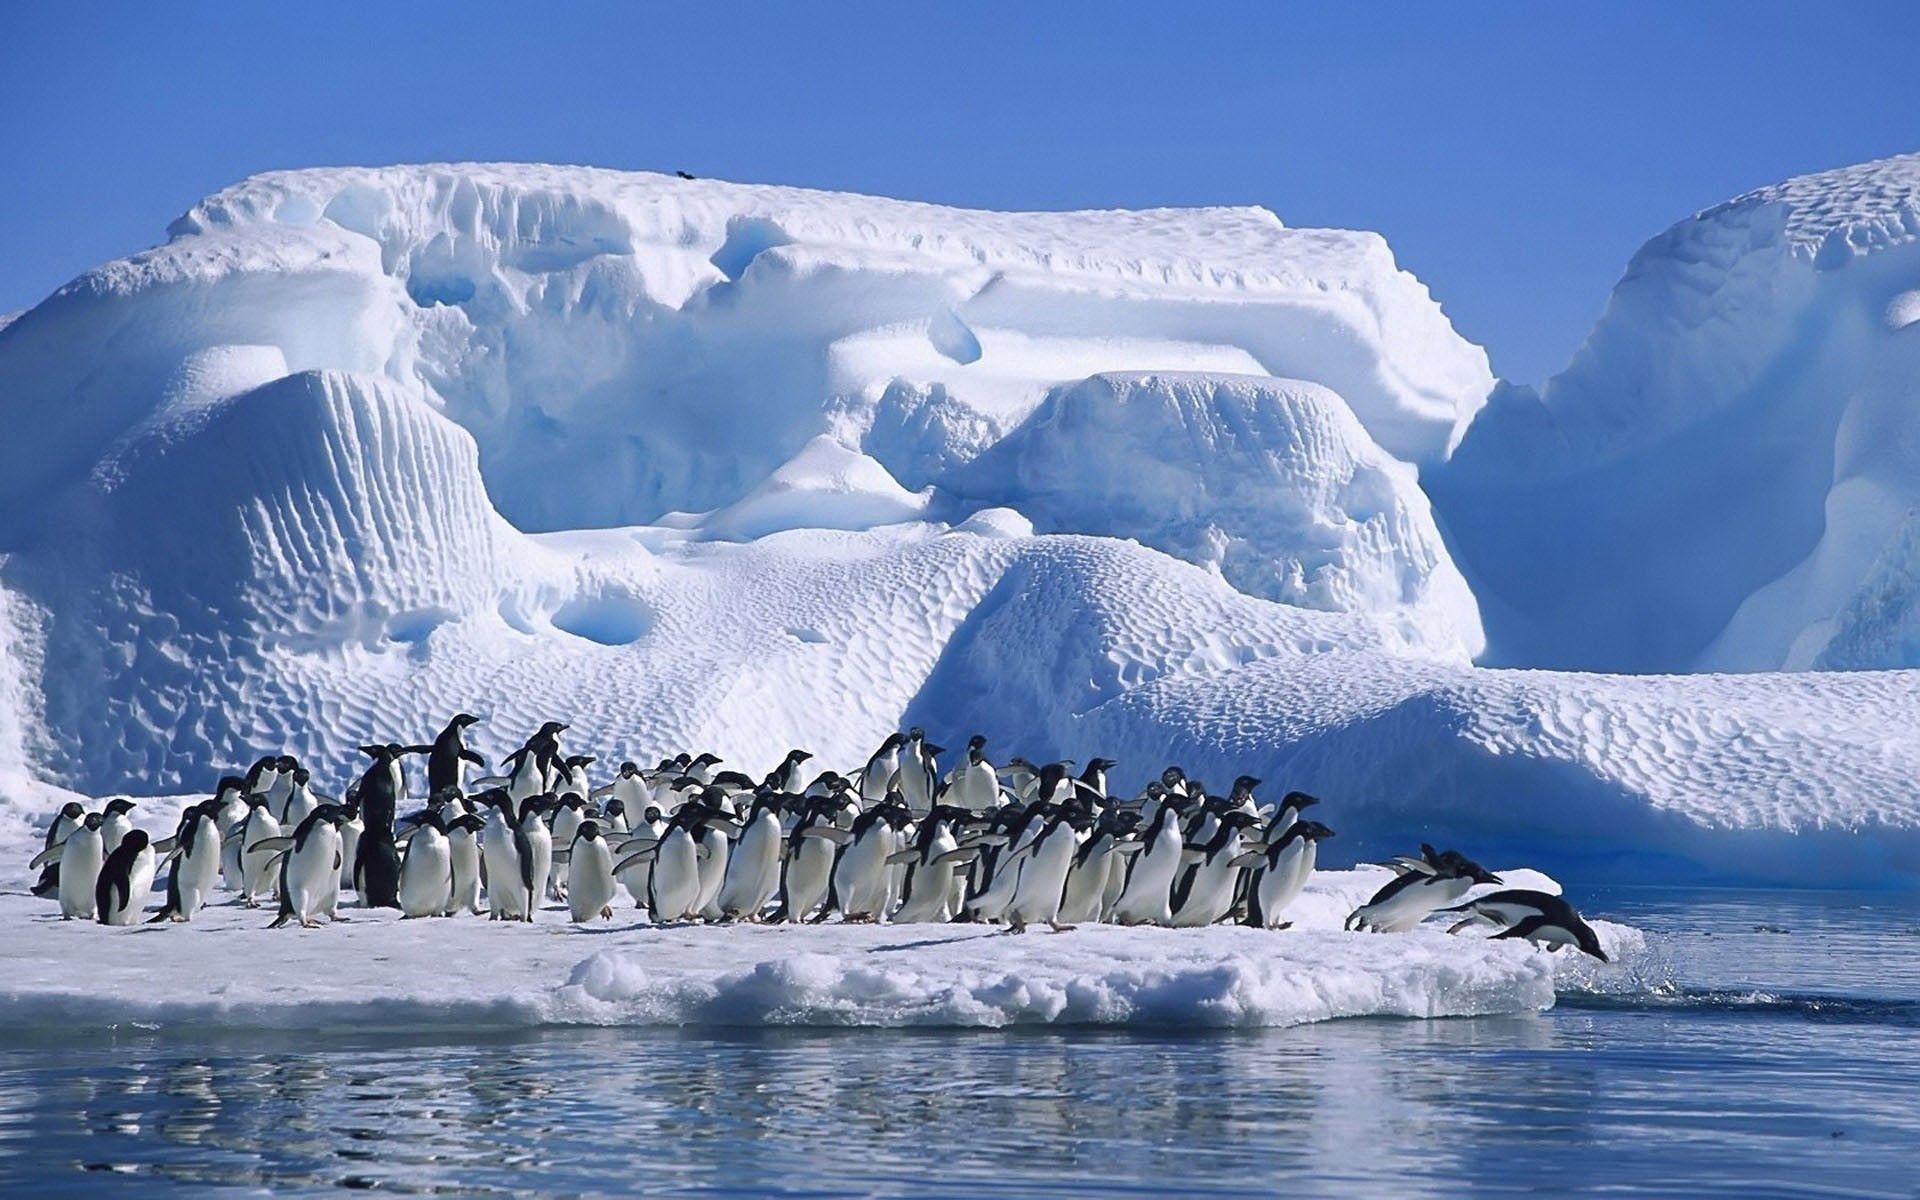 151870 Hintergrundbild herunterladen Tiere, Pinguins, Schnee, Herde, Prallen, Springen, Gletscher, Antarktis - Bildschirmschoner und Bilder kostenlos